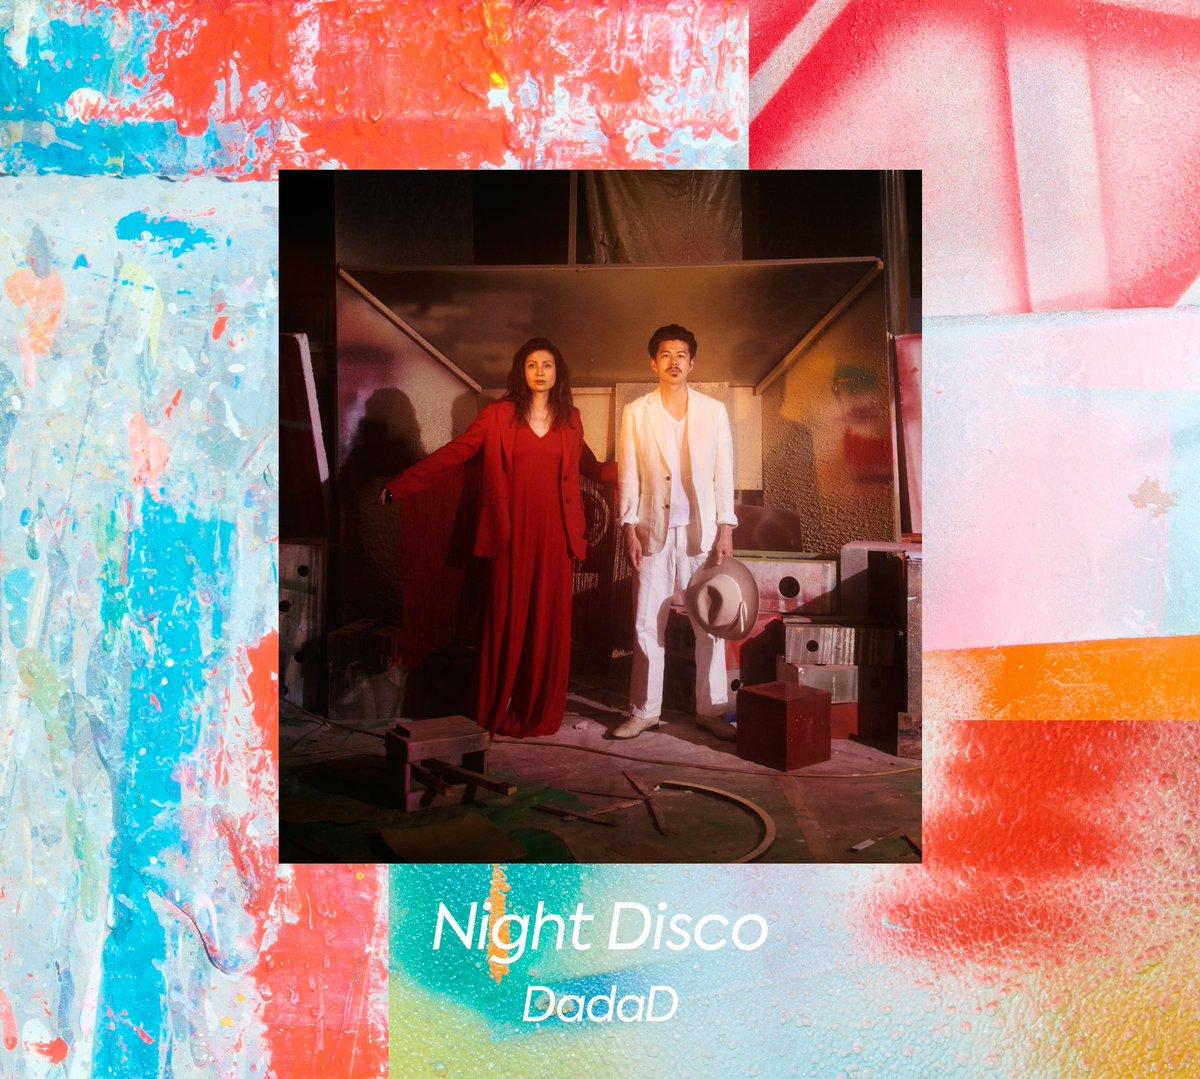 【リリース情報】DadaD、約8年ぶりとなるFull Album『Night Disco』が完成しました。2月26日より発売します。#DadaD #NightDisco